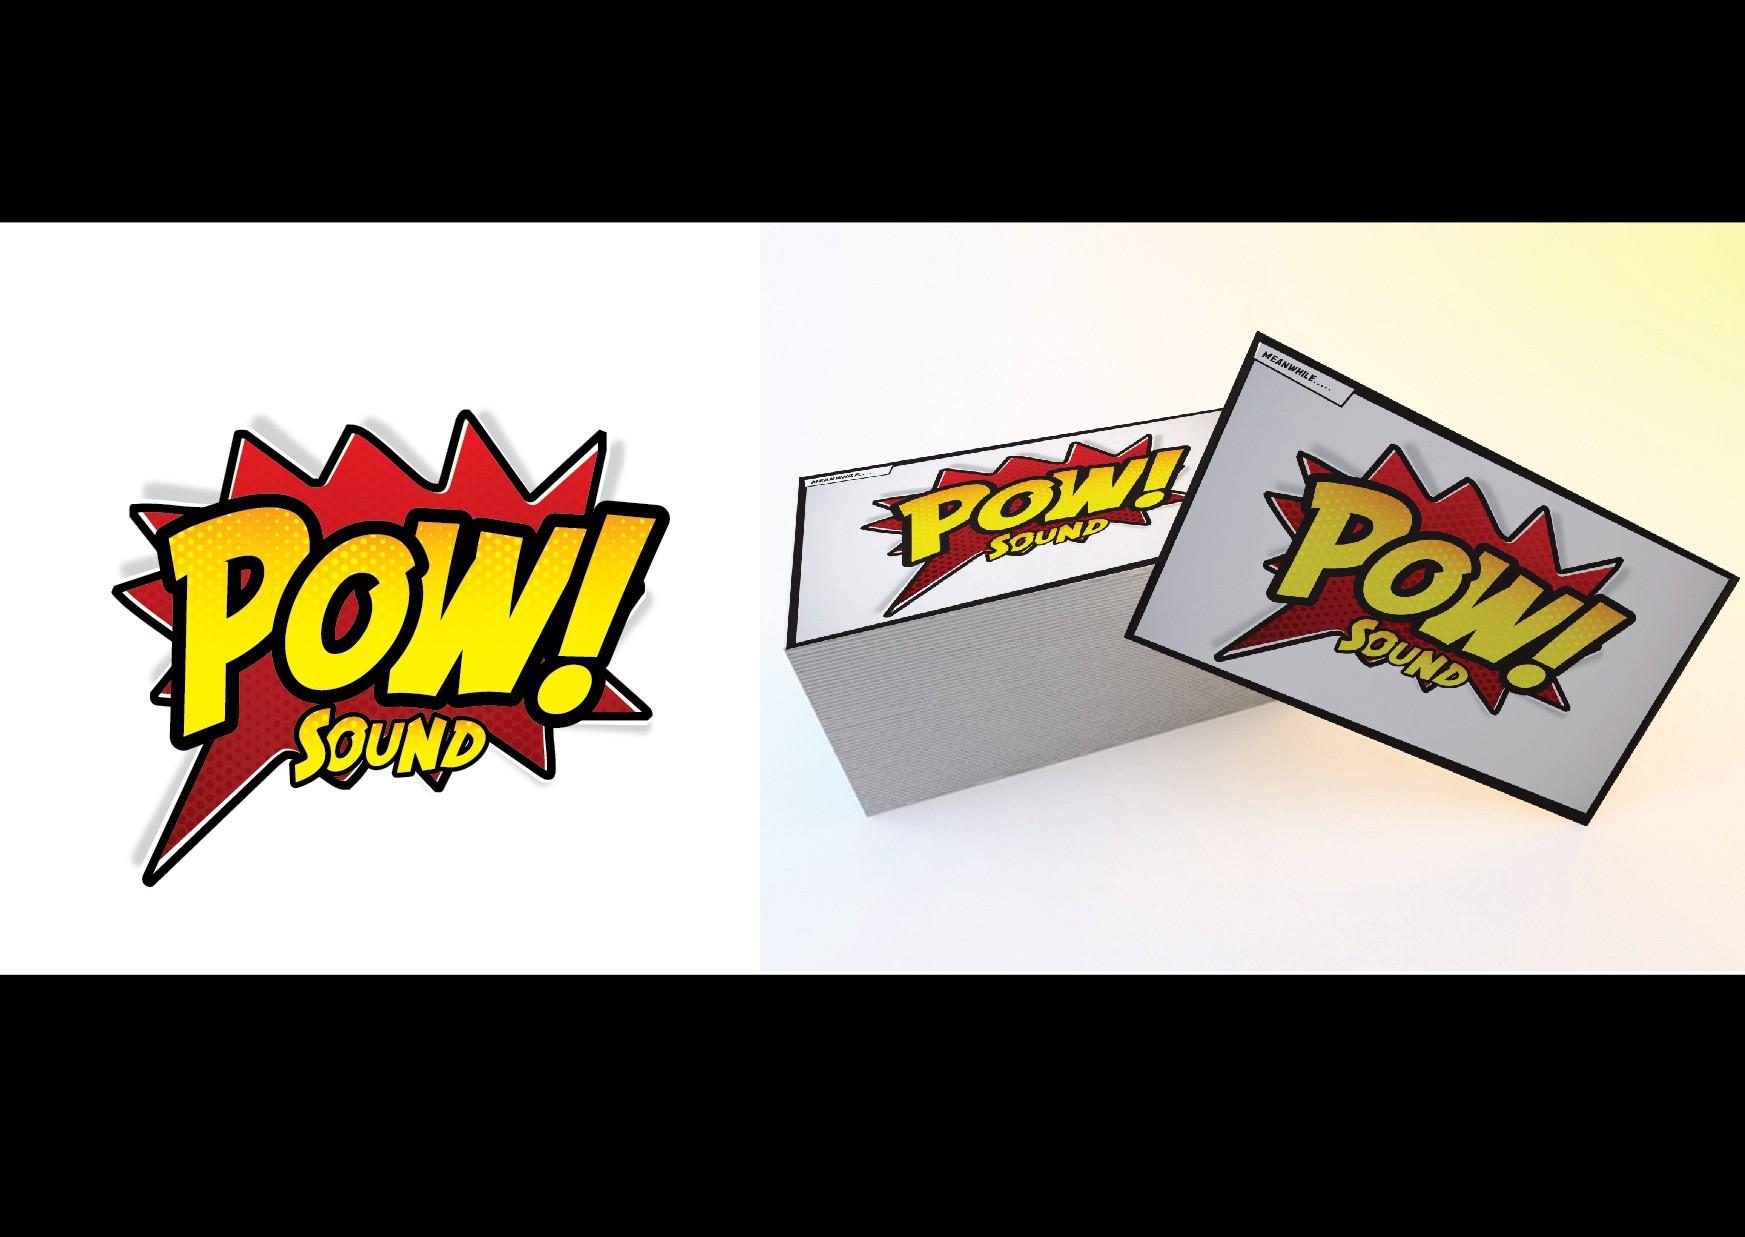 POW! Sound needs a new logo